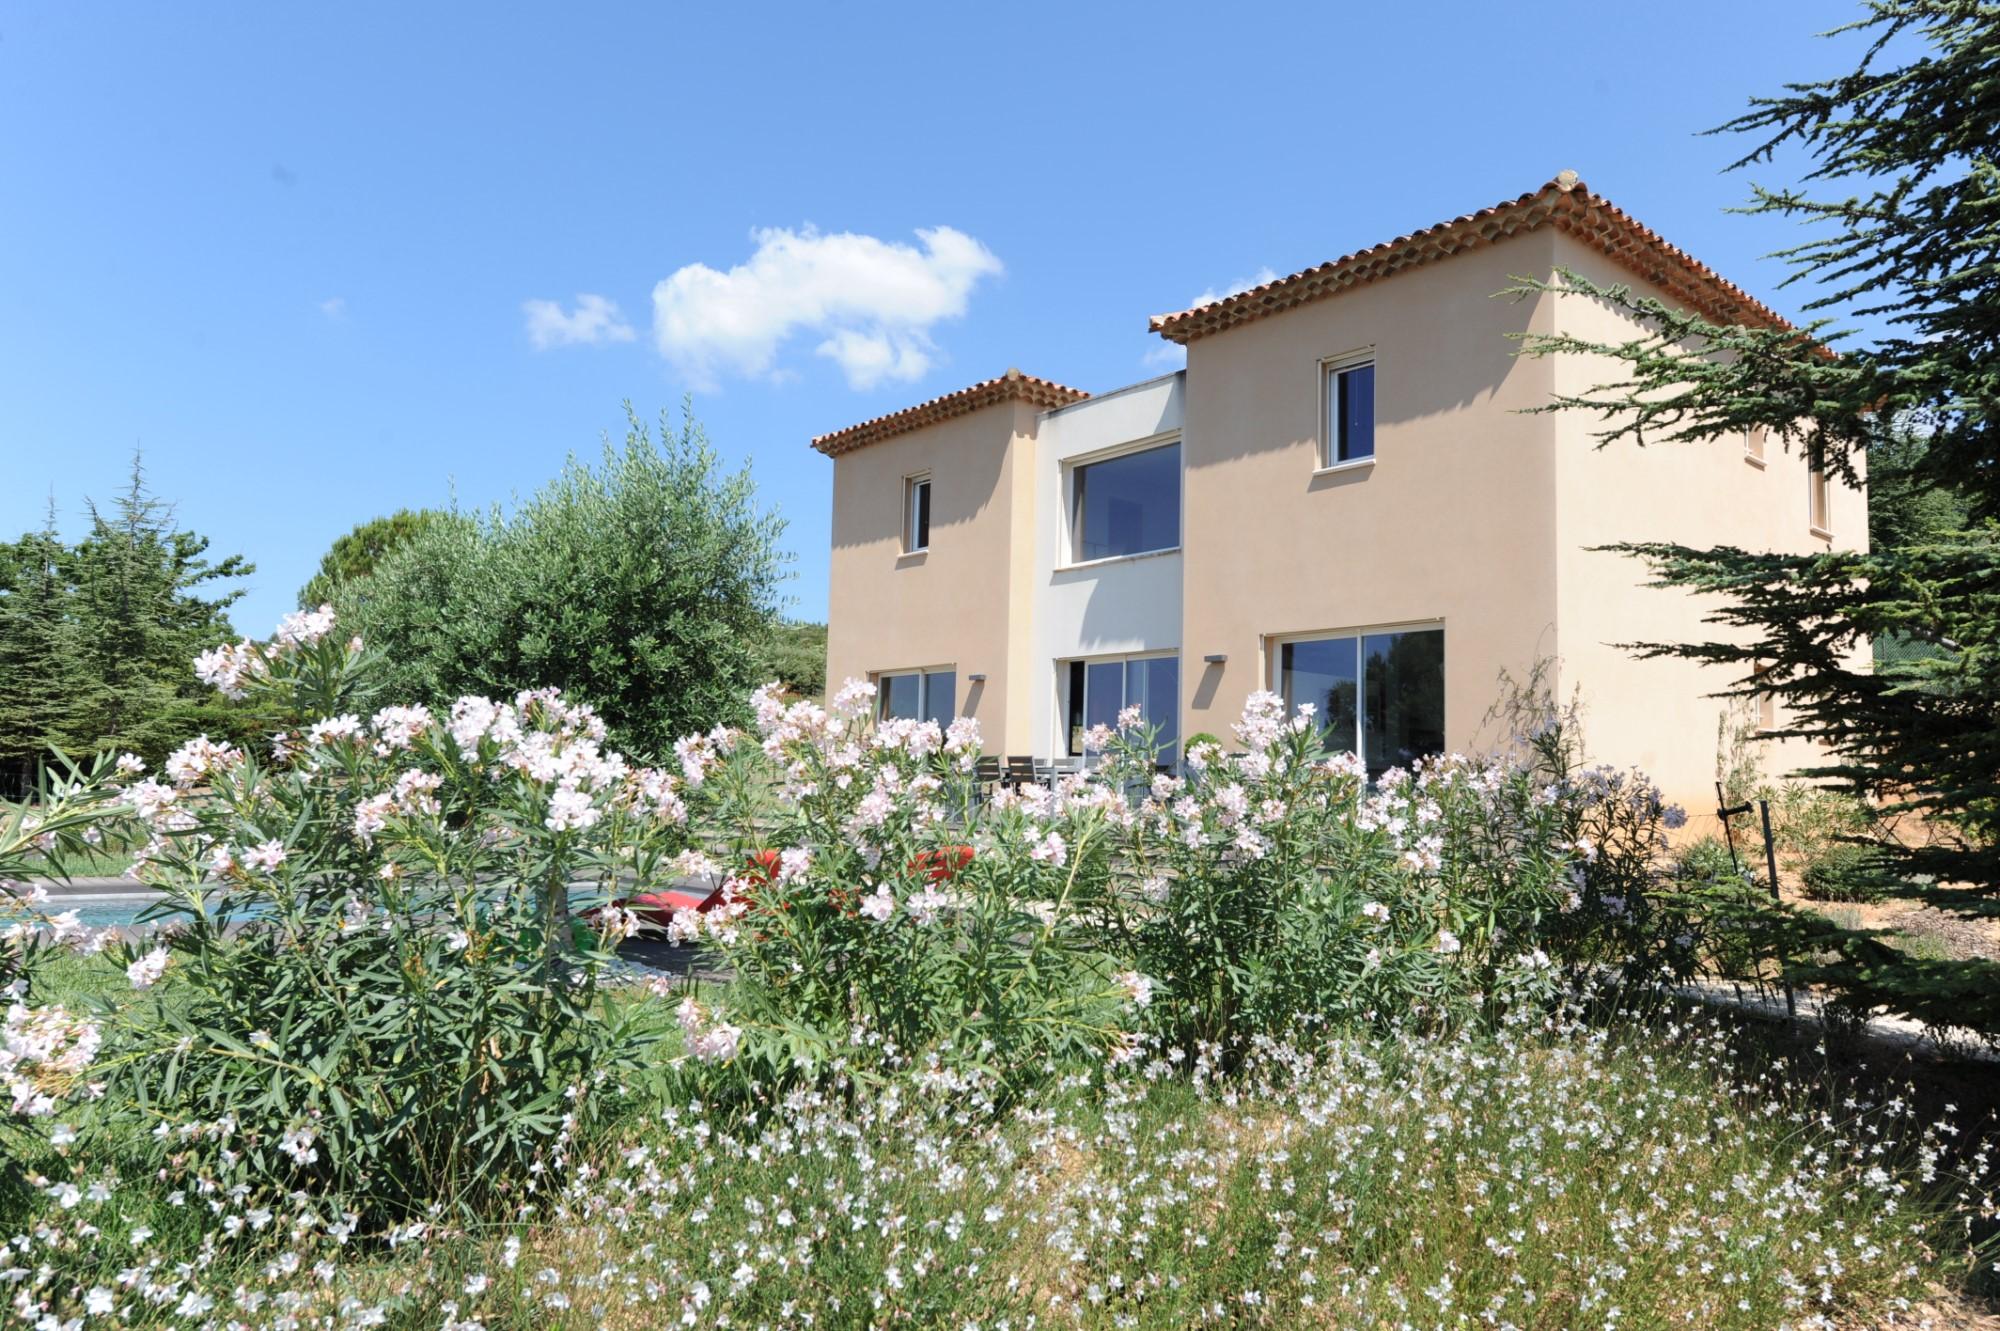 Maison contemporaine à vendre dans le Luberon en Provence